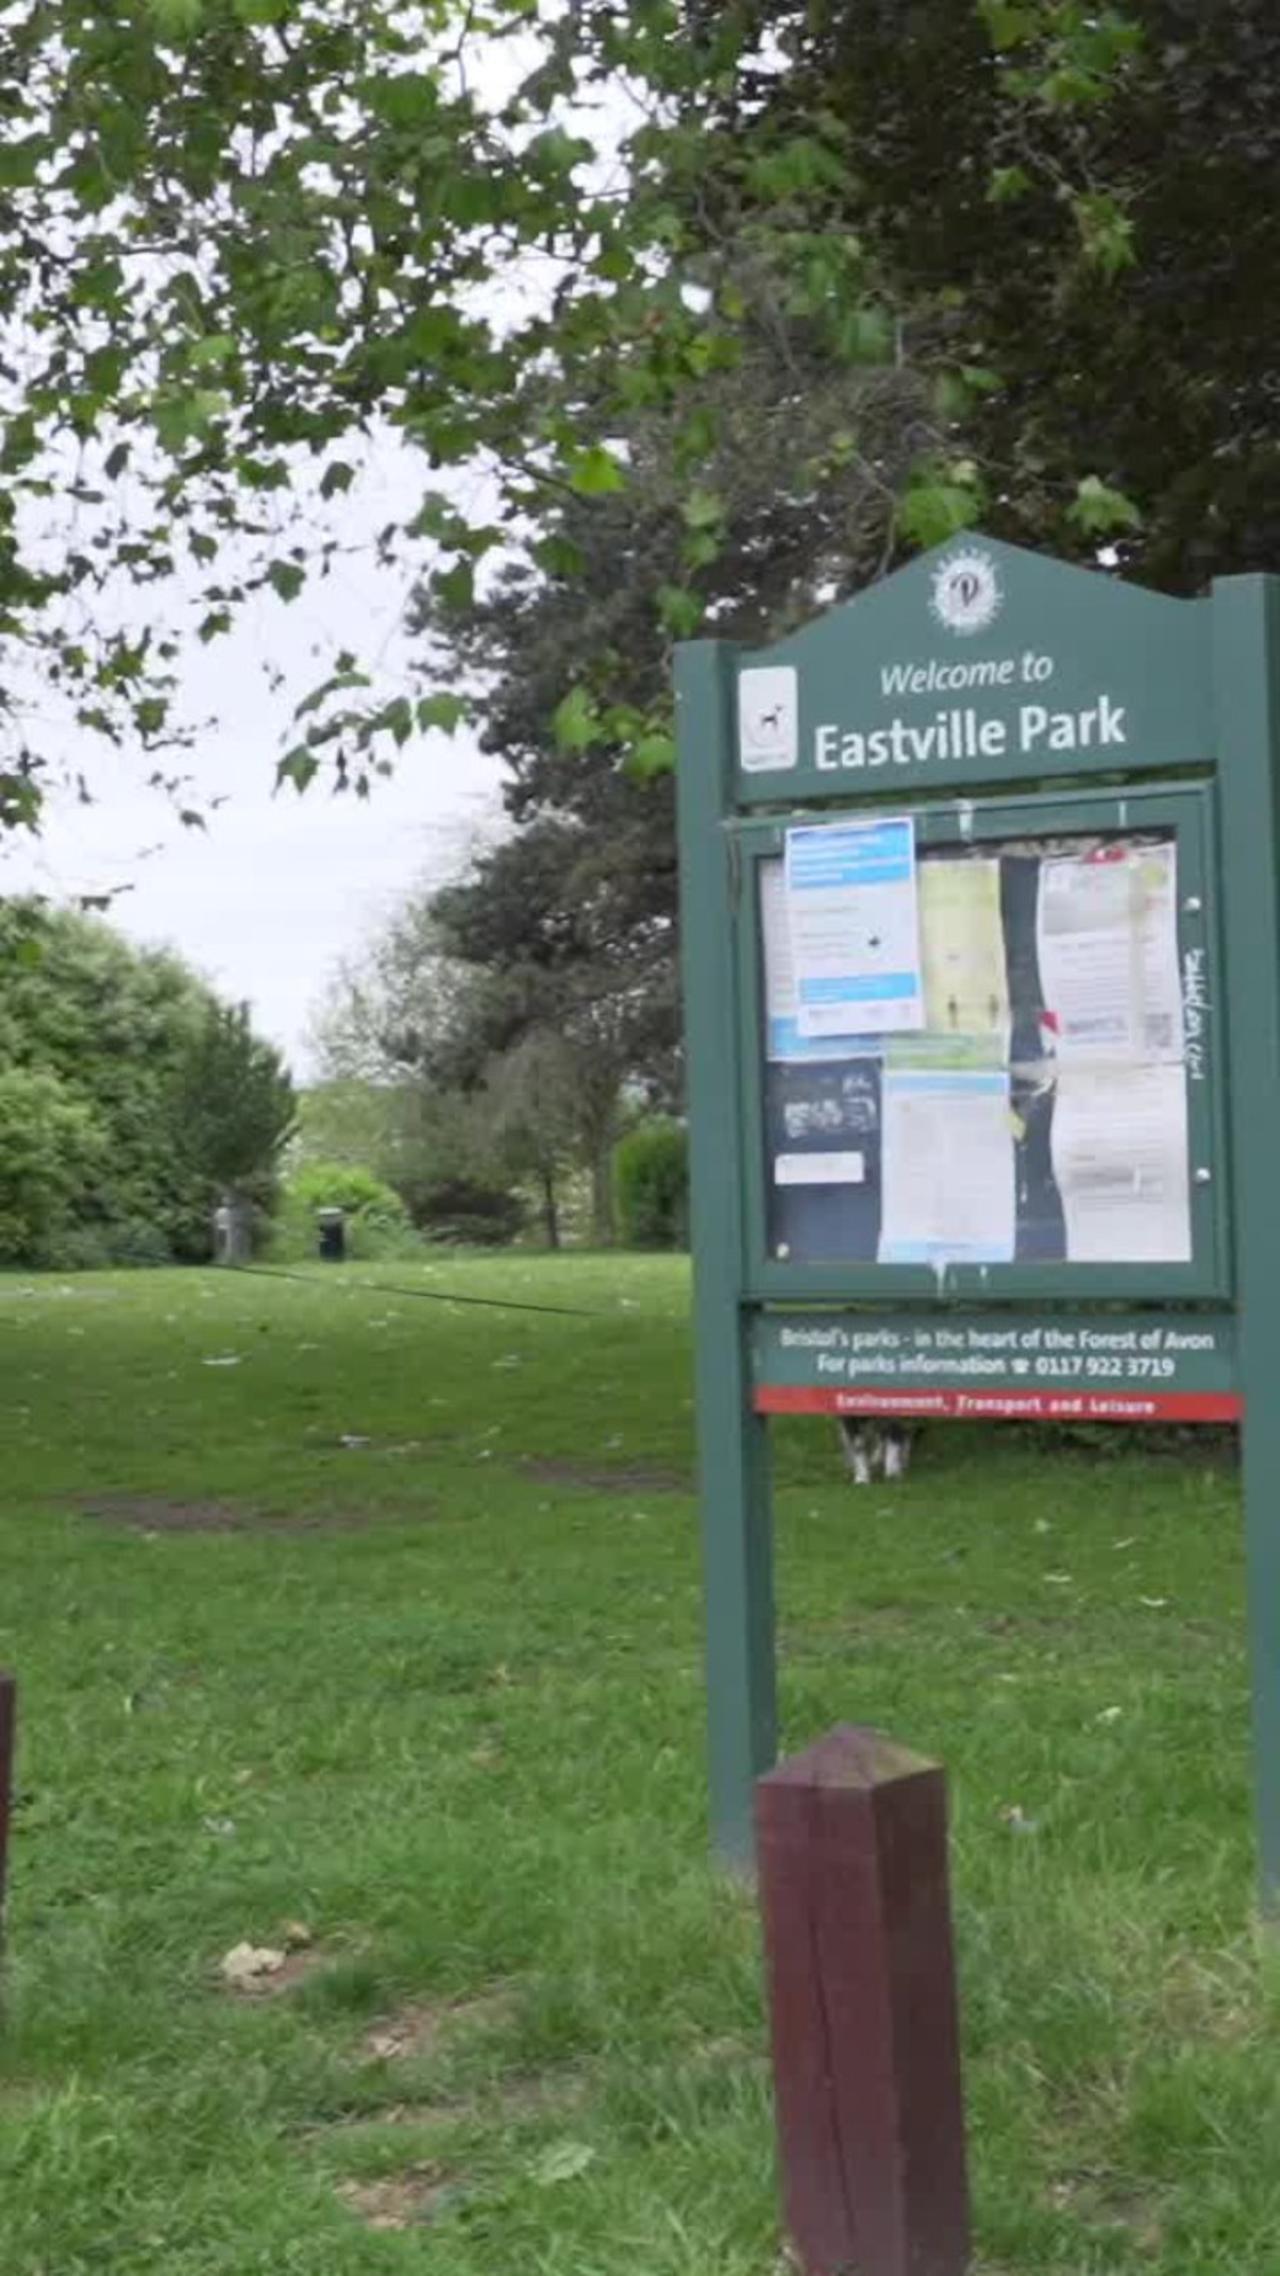 BigCityLife - 9:16 Eastville Park Walk-In Vaccine Clinic (2)